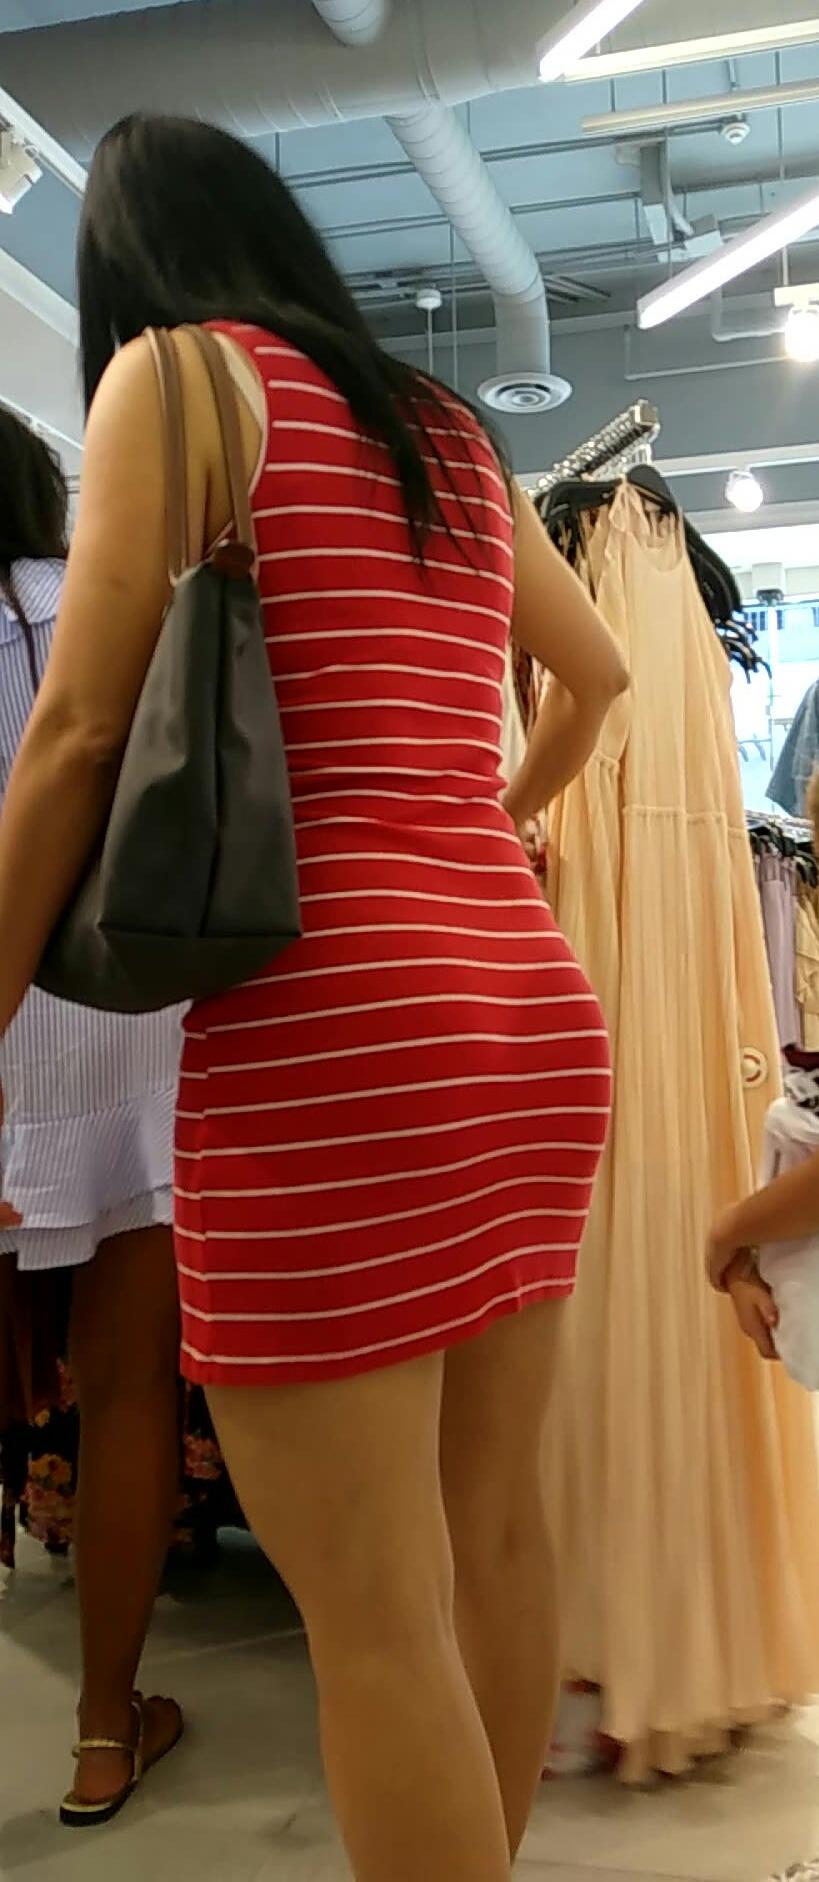 Milf Dress Tight 102